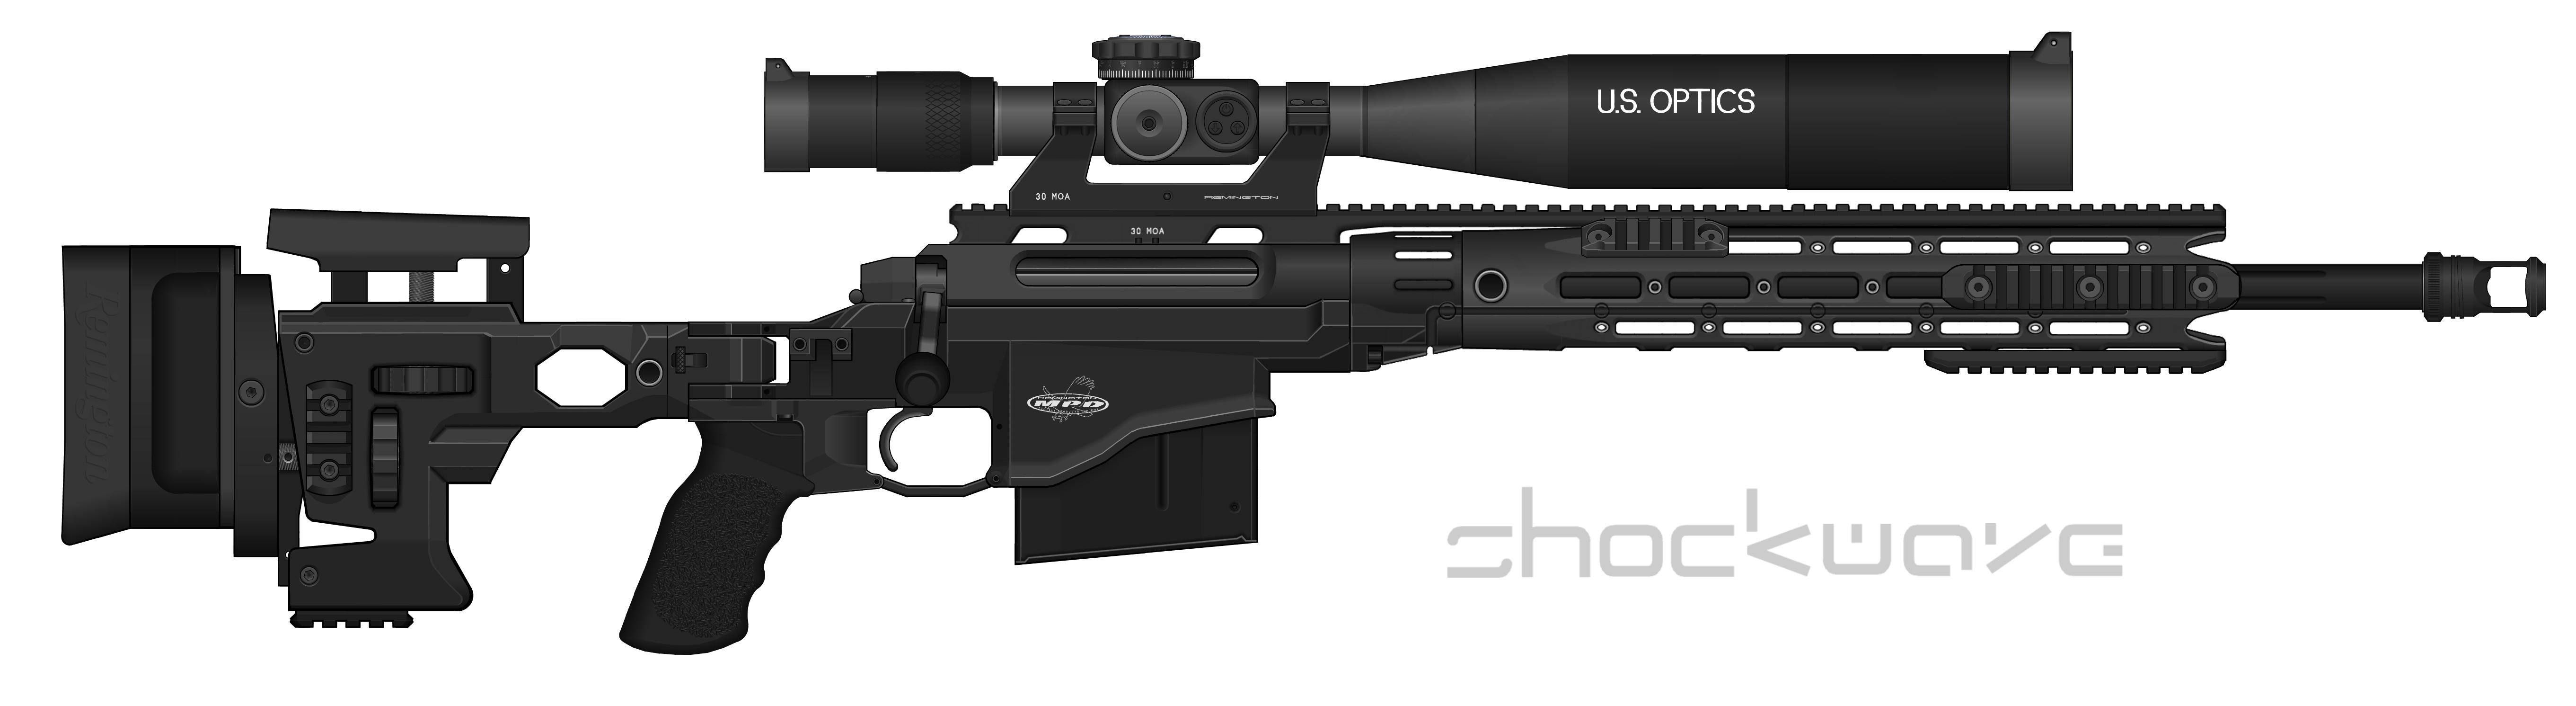 Remington MSR (Modular Sniper Rifle) by Shockwave9001 on ...